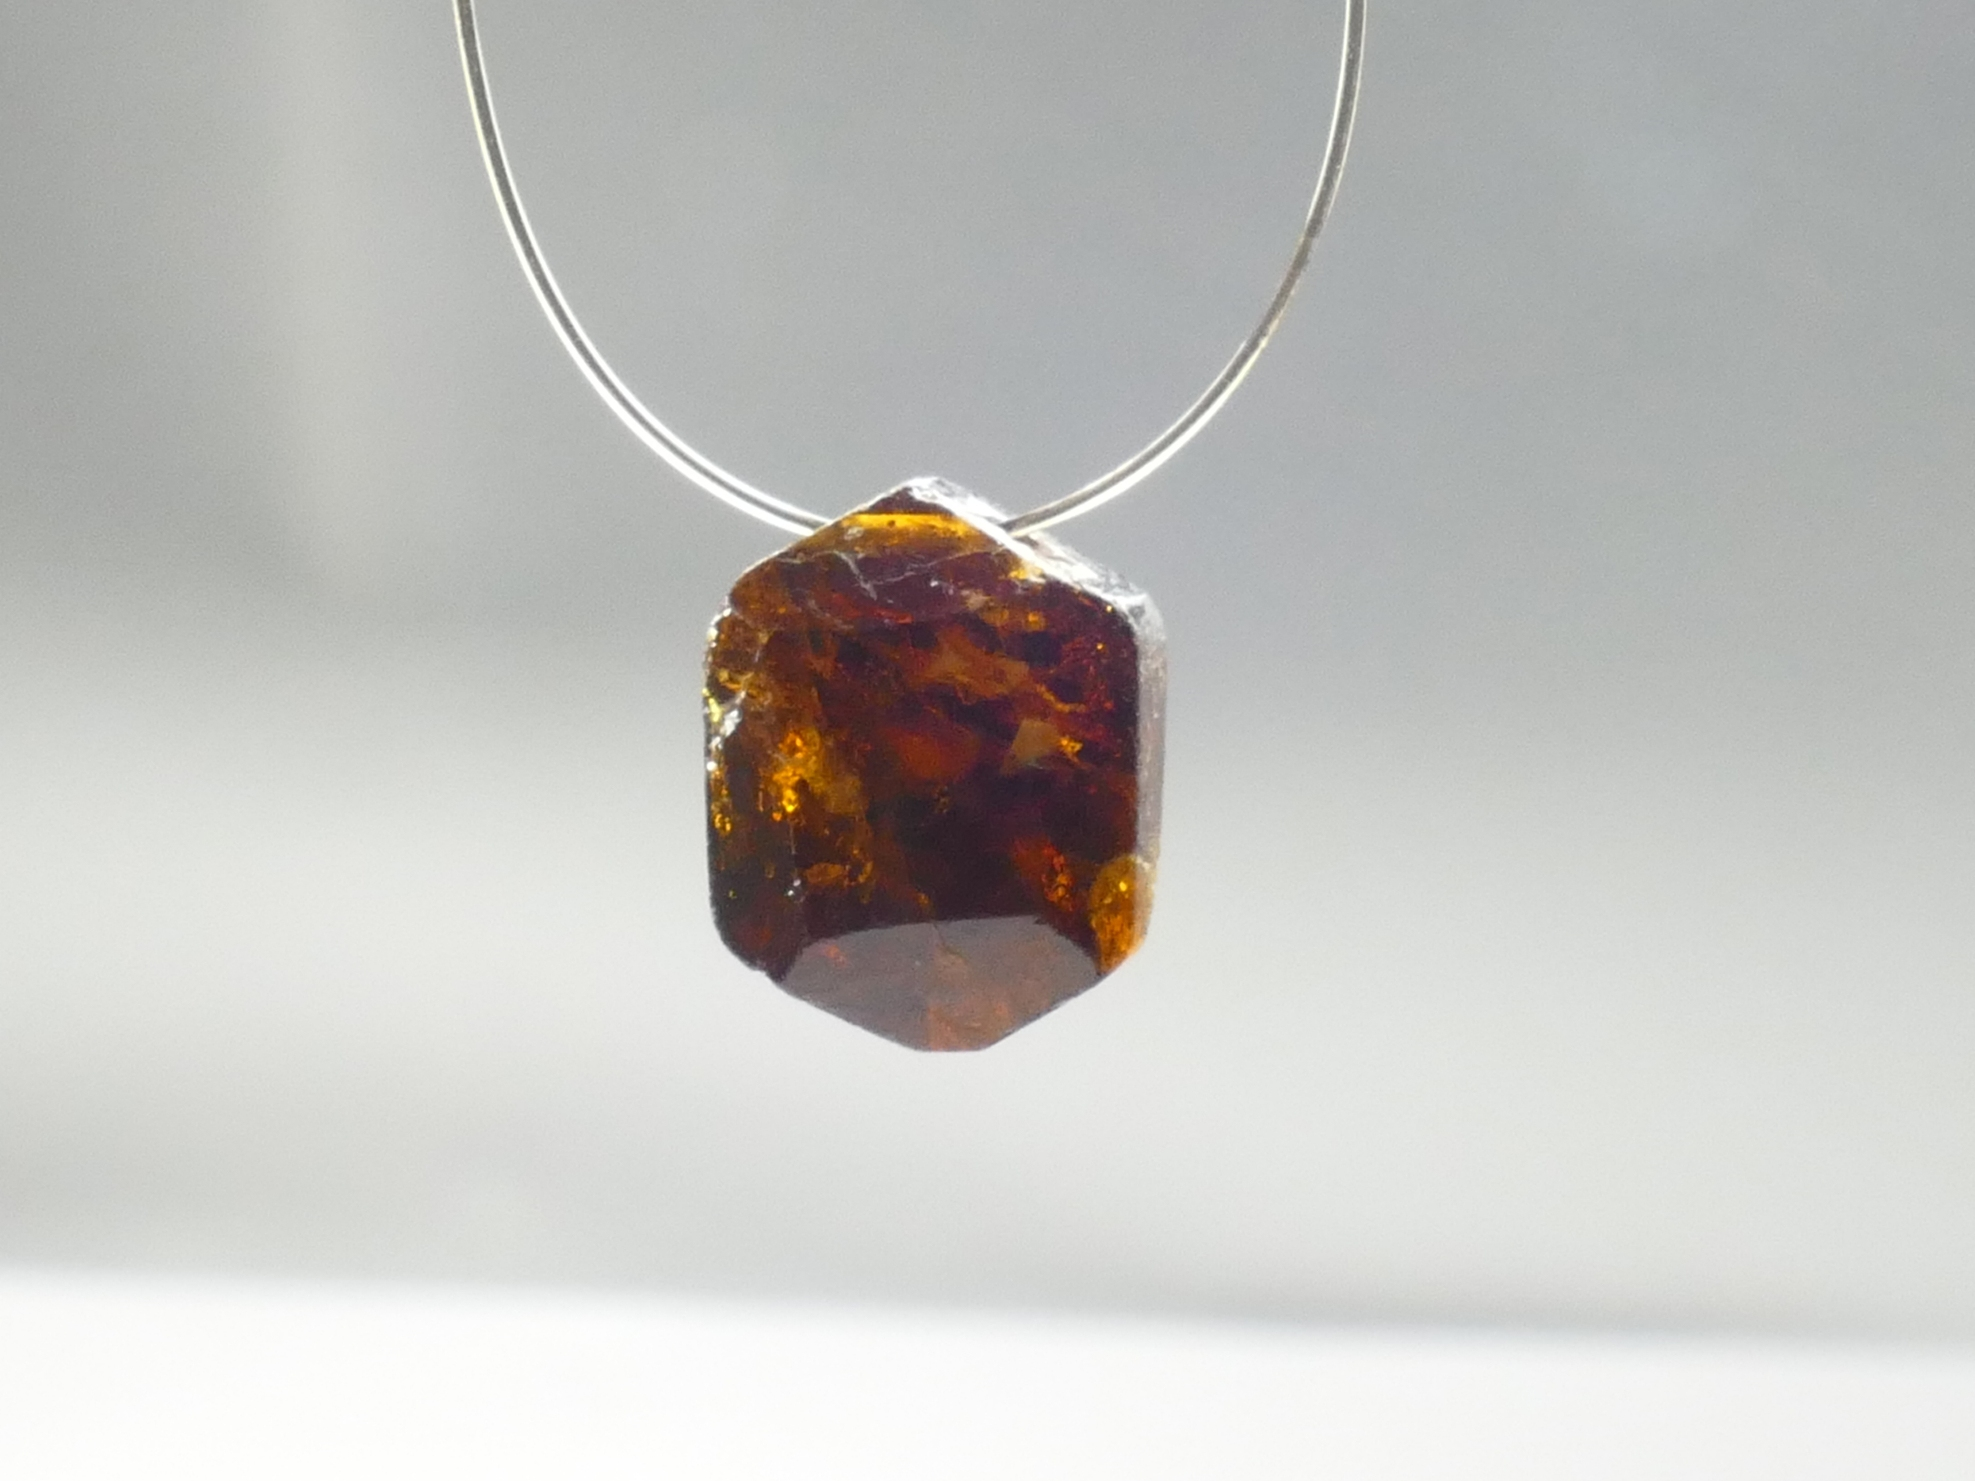 10,7mm Perle de Tourmaline naturelle Dravite facettée 4.16ct brune, Brésil (#PB494)